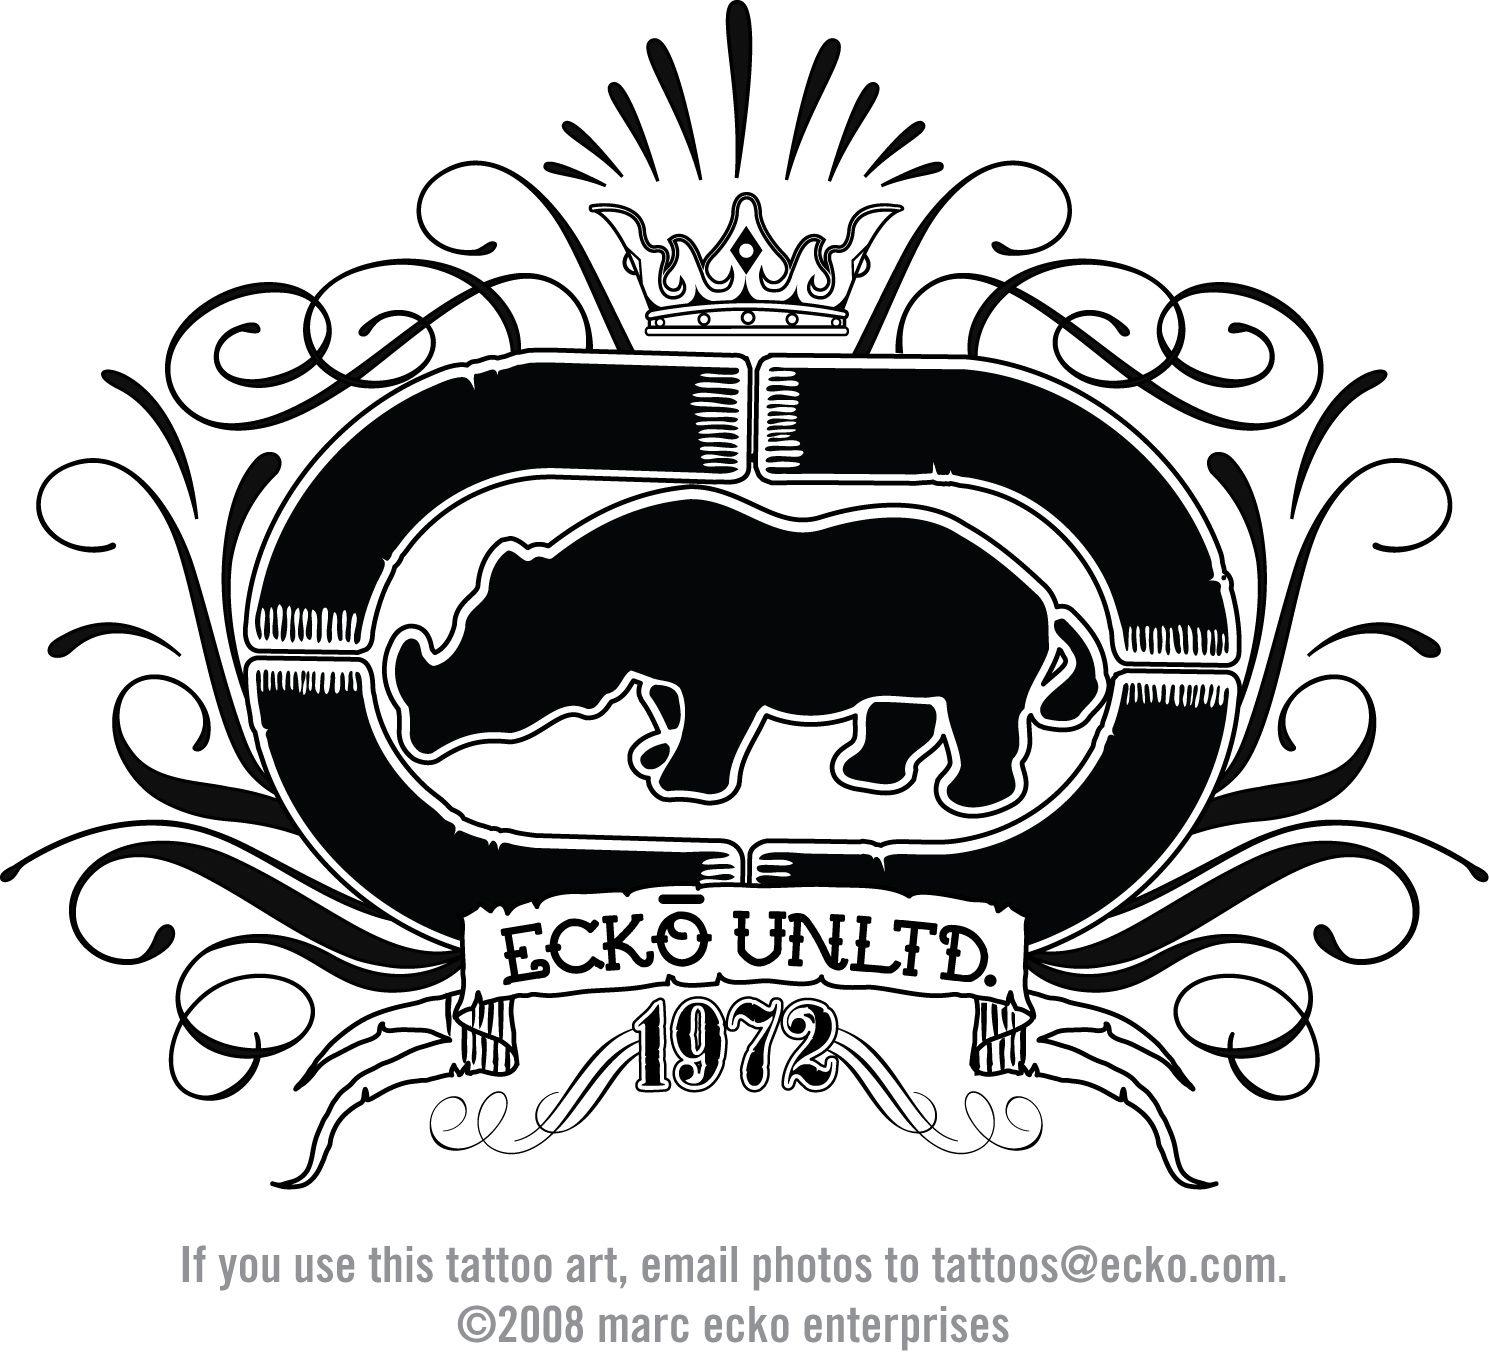 ecko unltd logo wallpaper 20162017 ecko unltd 1972